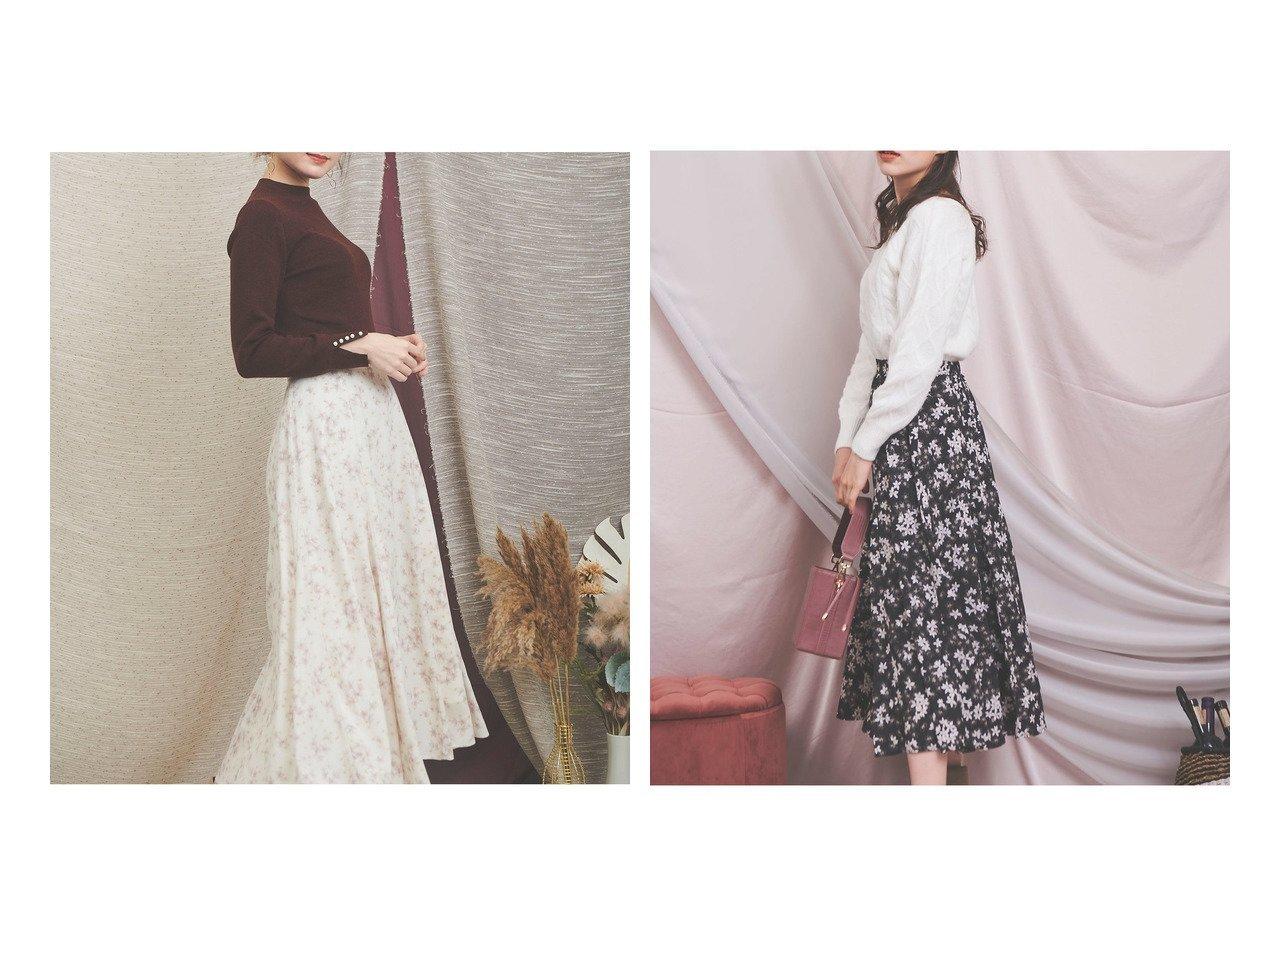 【Noela/ノエラ】のコンビフラワーロングスカート スカートのおすすめ!人気、レディースファッションの通販 おすすめで人気のファッション通販商品 インテリア・家具・キッズファッション・メンズファッション・レディースファッション・服の通販 founy(ファニー) https://founy.com/ ファッション Fashion レディース WOMEN スカート Skirt Aライン/フレアスカート Flared A-Line Skirts ロングスカート Long Skirt ギャザー ショート フレア ミックス ロング 冬 Winter |ID:crp329100000002193